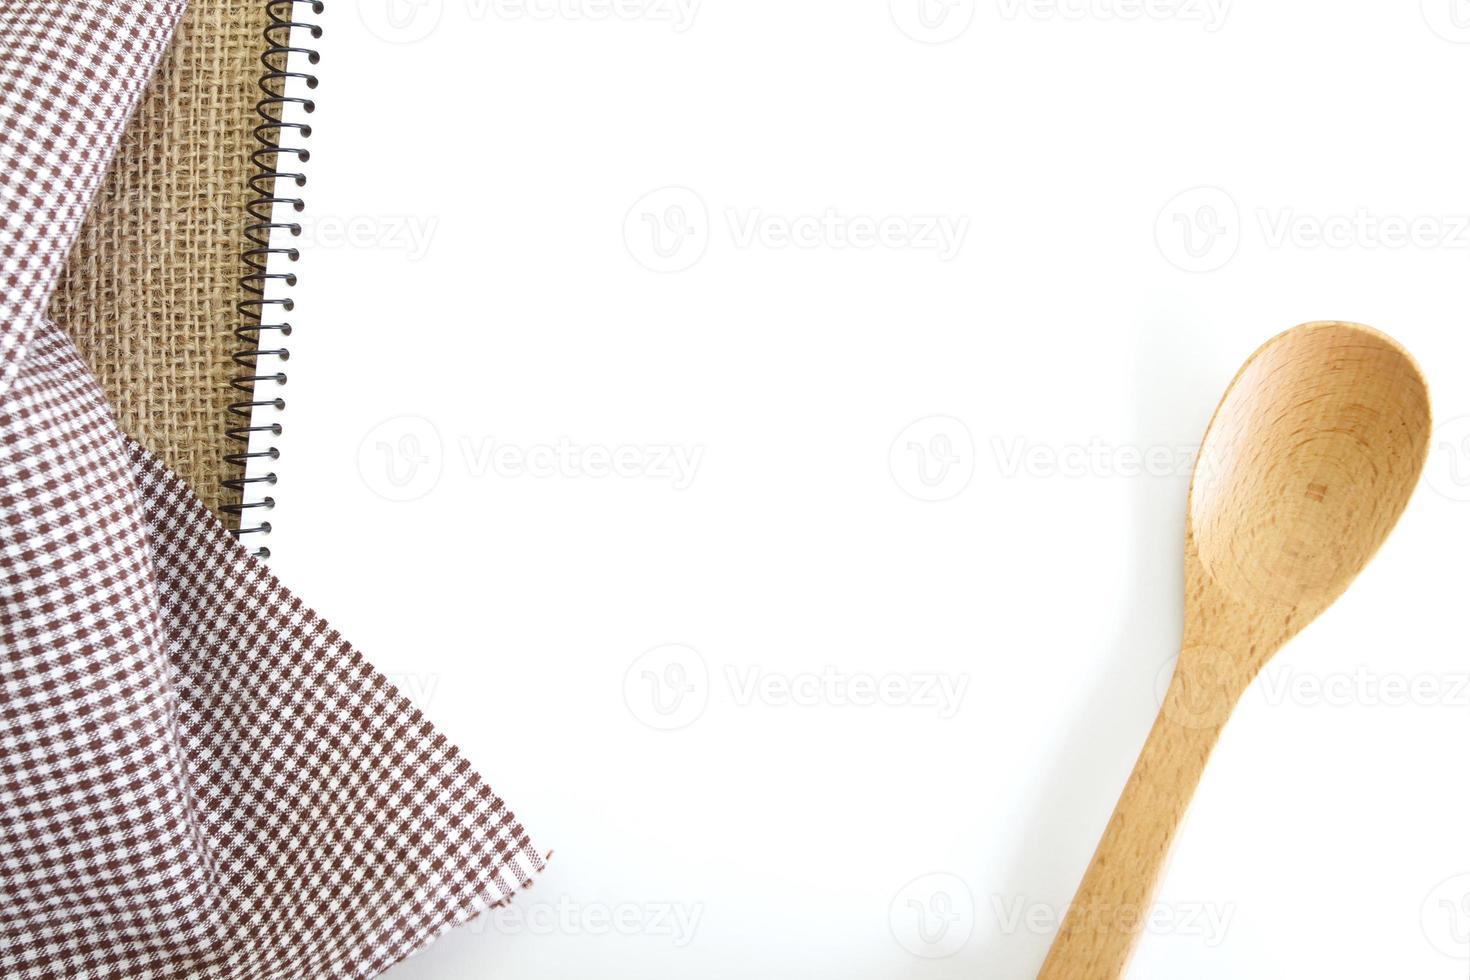 ricettario bianco bianco sul tavolo della cucina foto